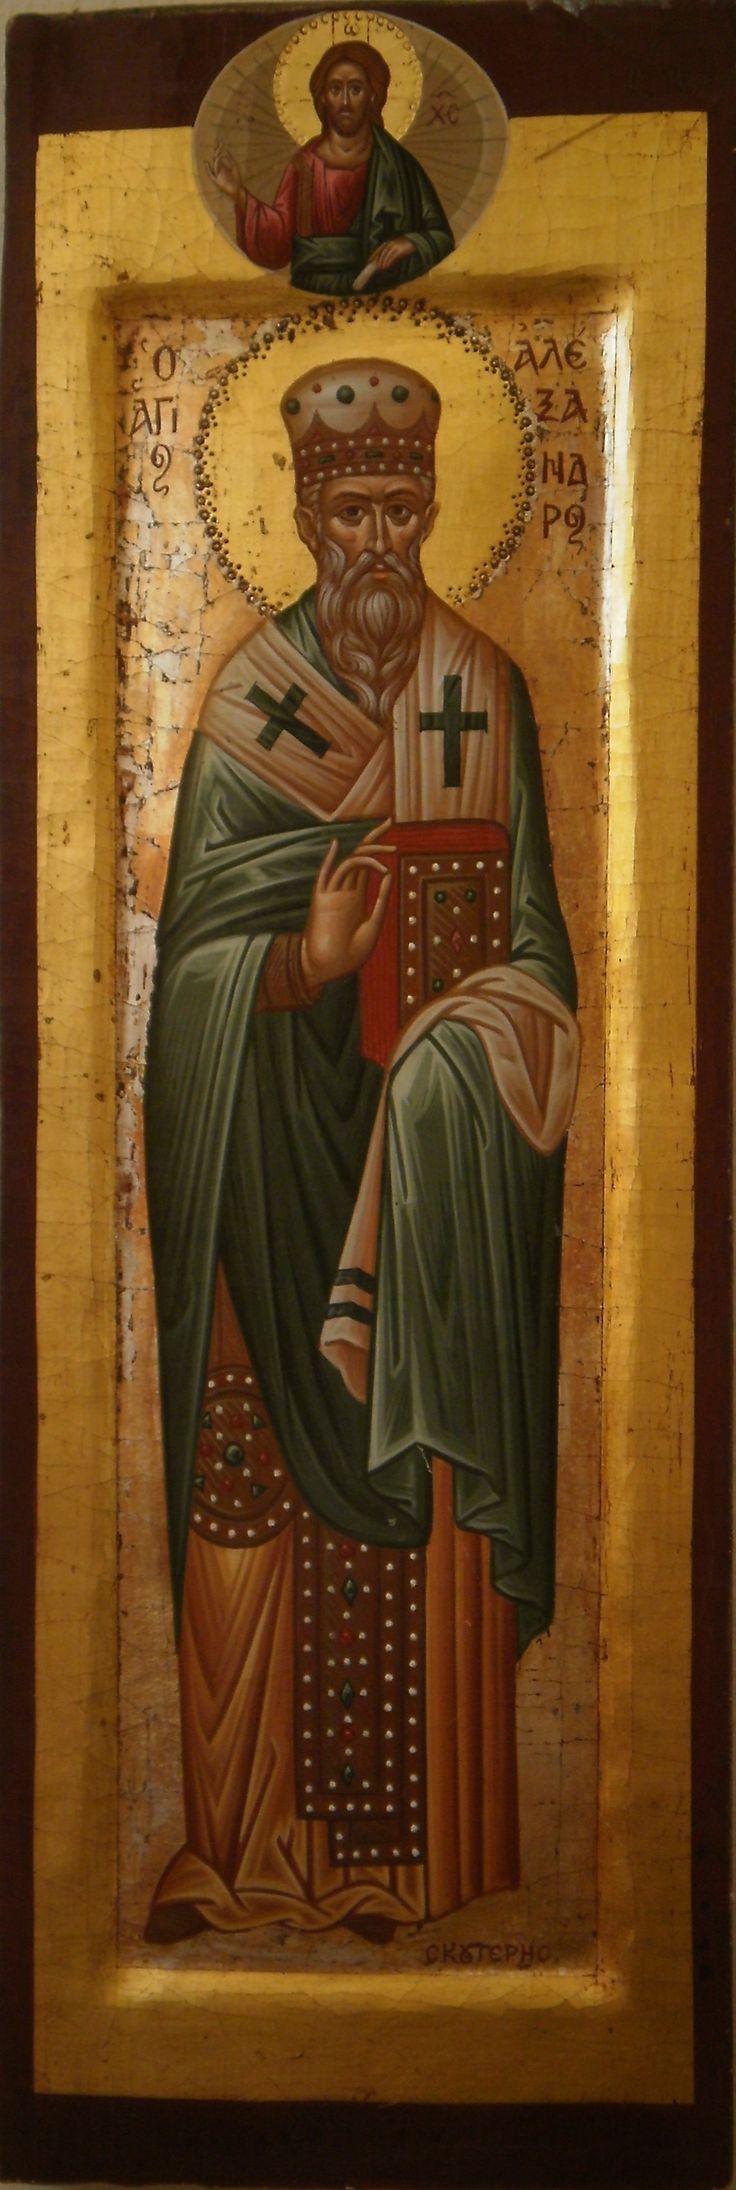 Saint Alexandros by spiros skouteris